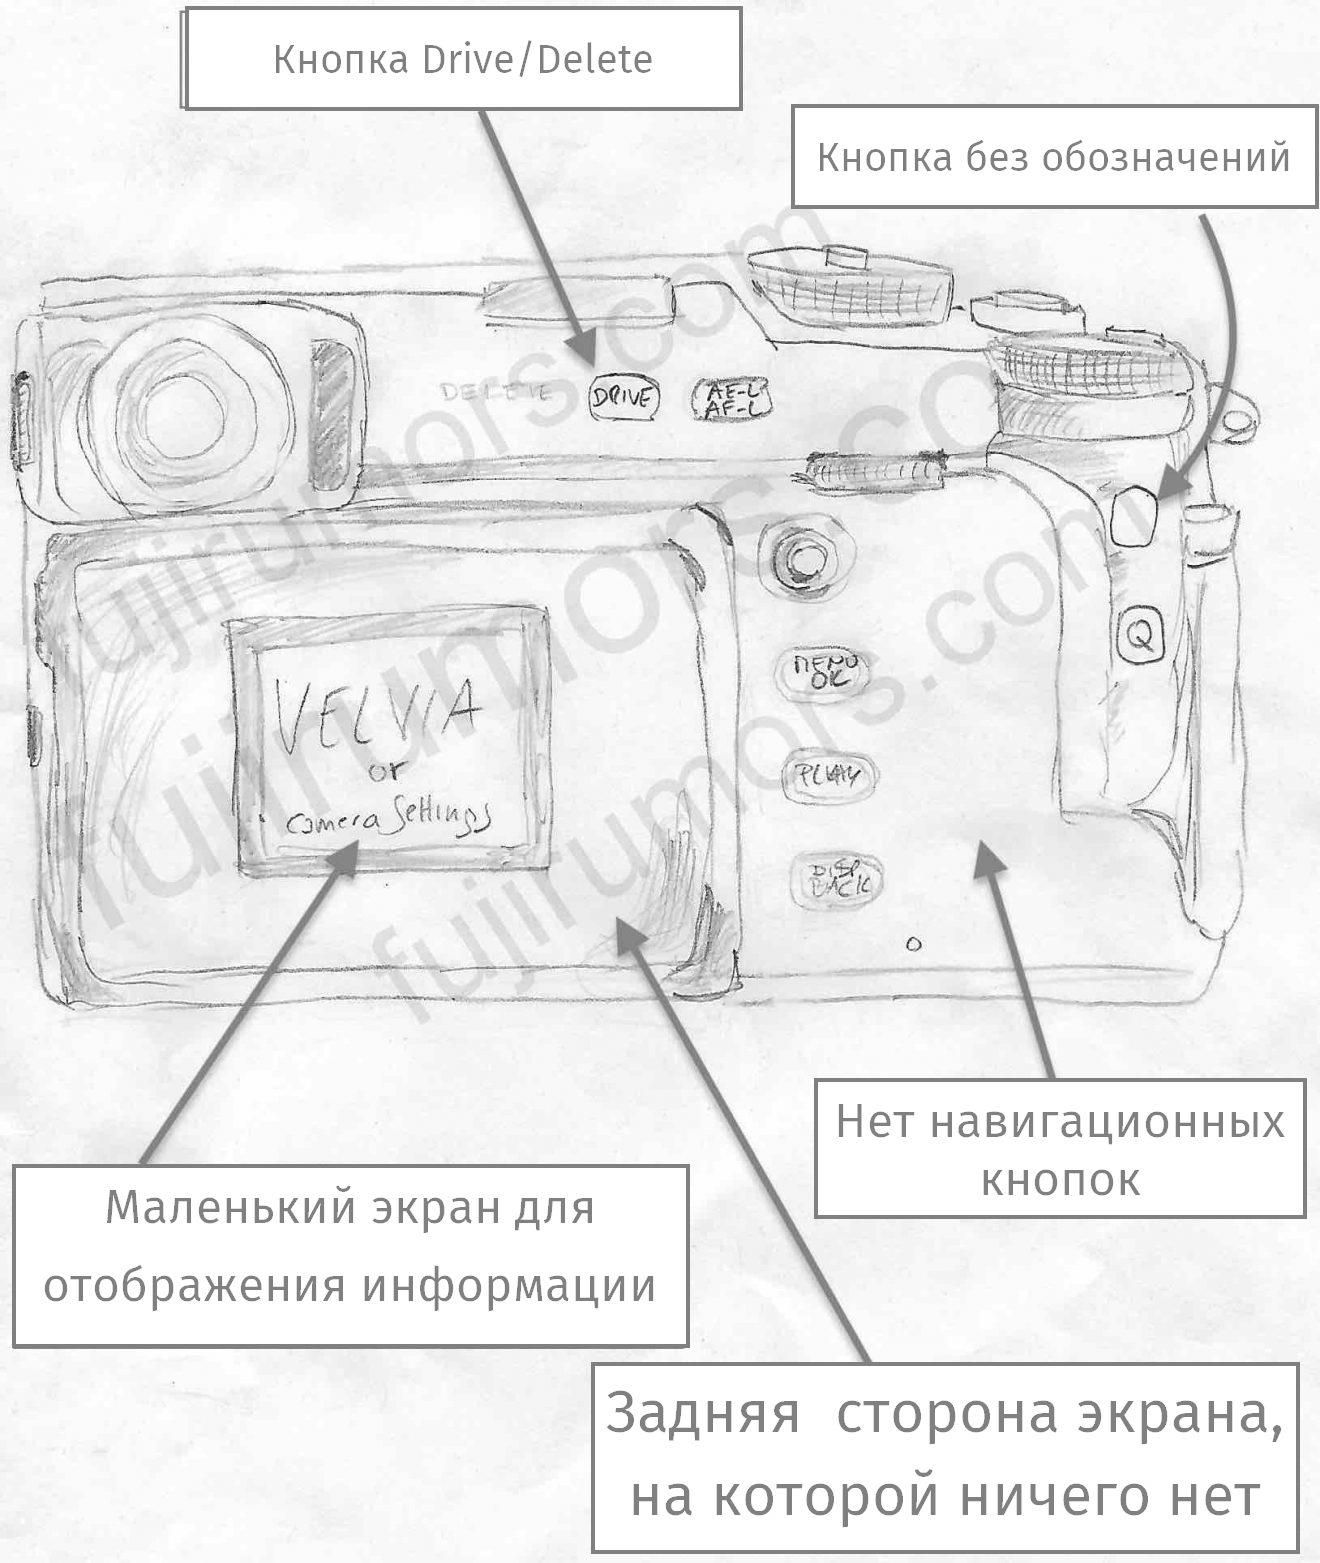 Схема органов управления Fujifilm X-Pro3